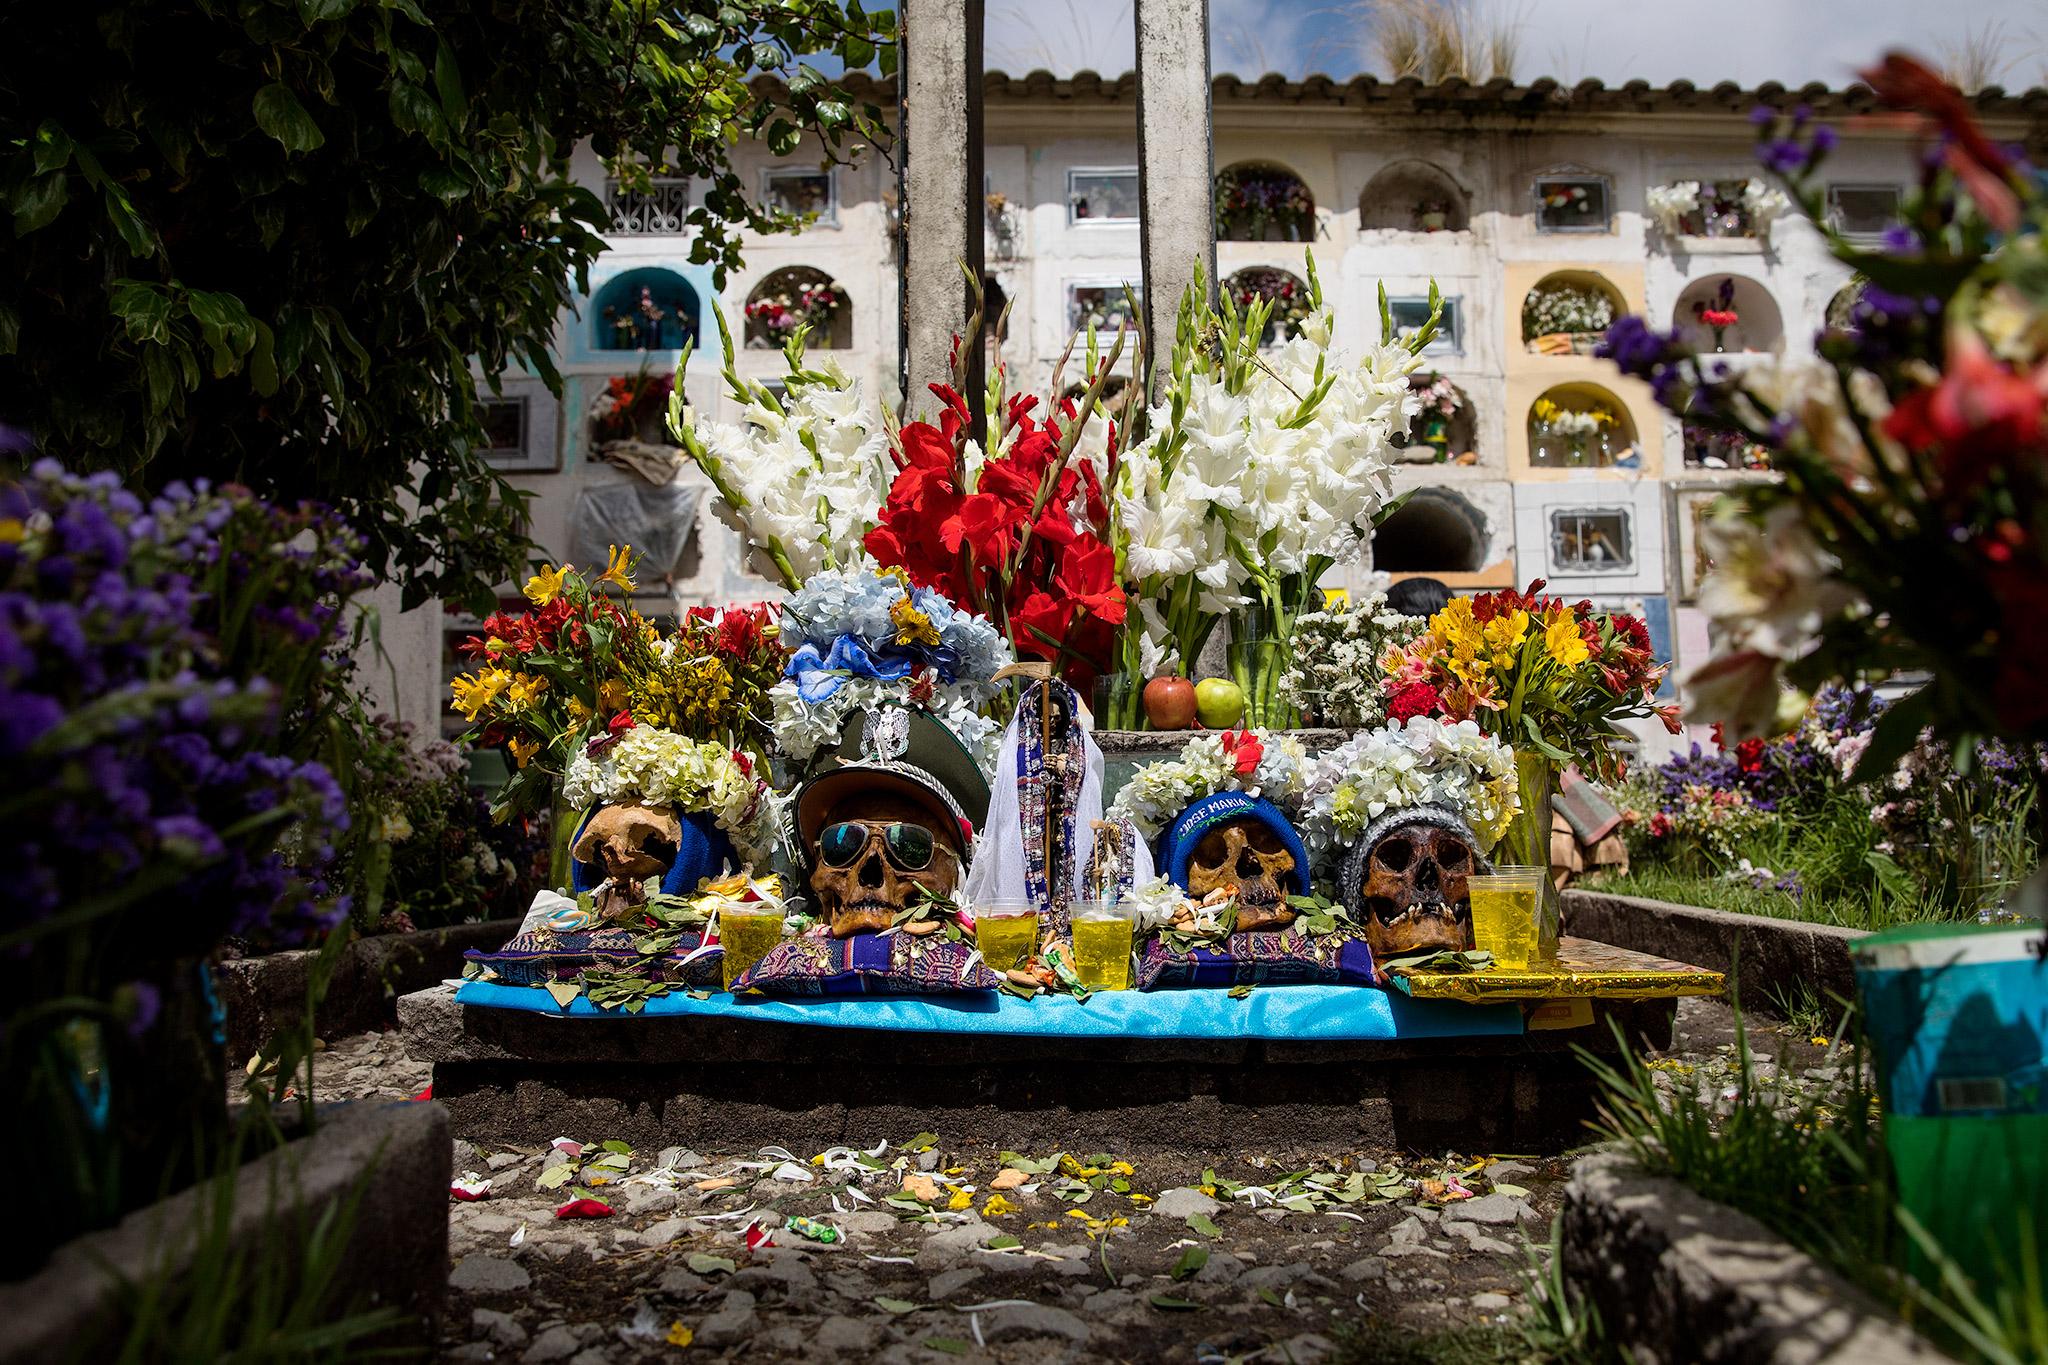 skulls-las-natitas-la-paz-bolivia11.jpg